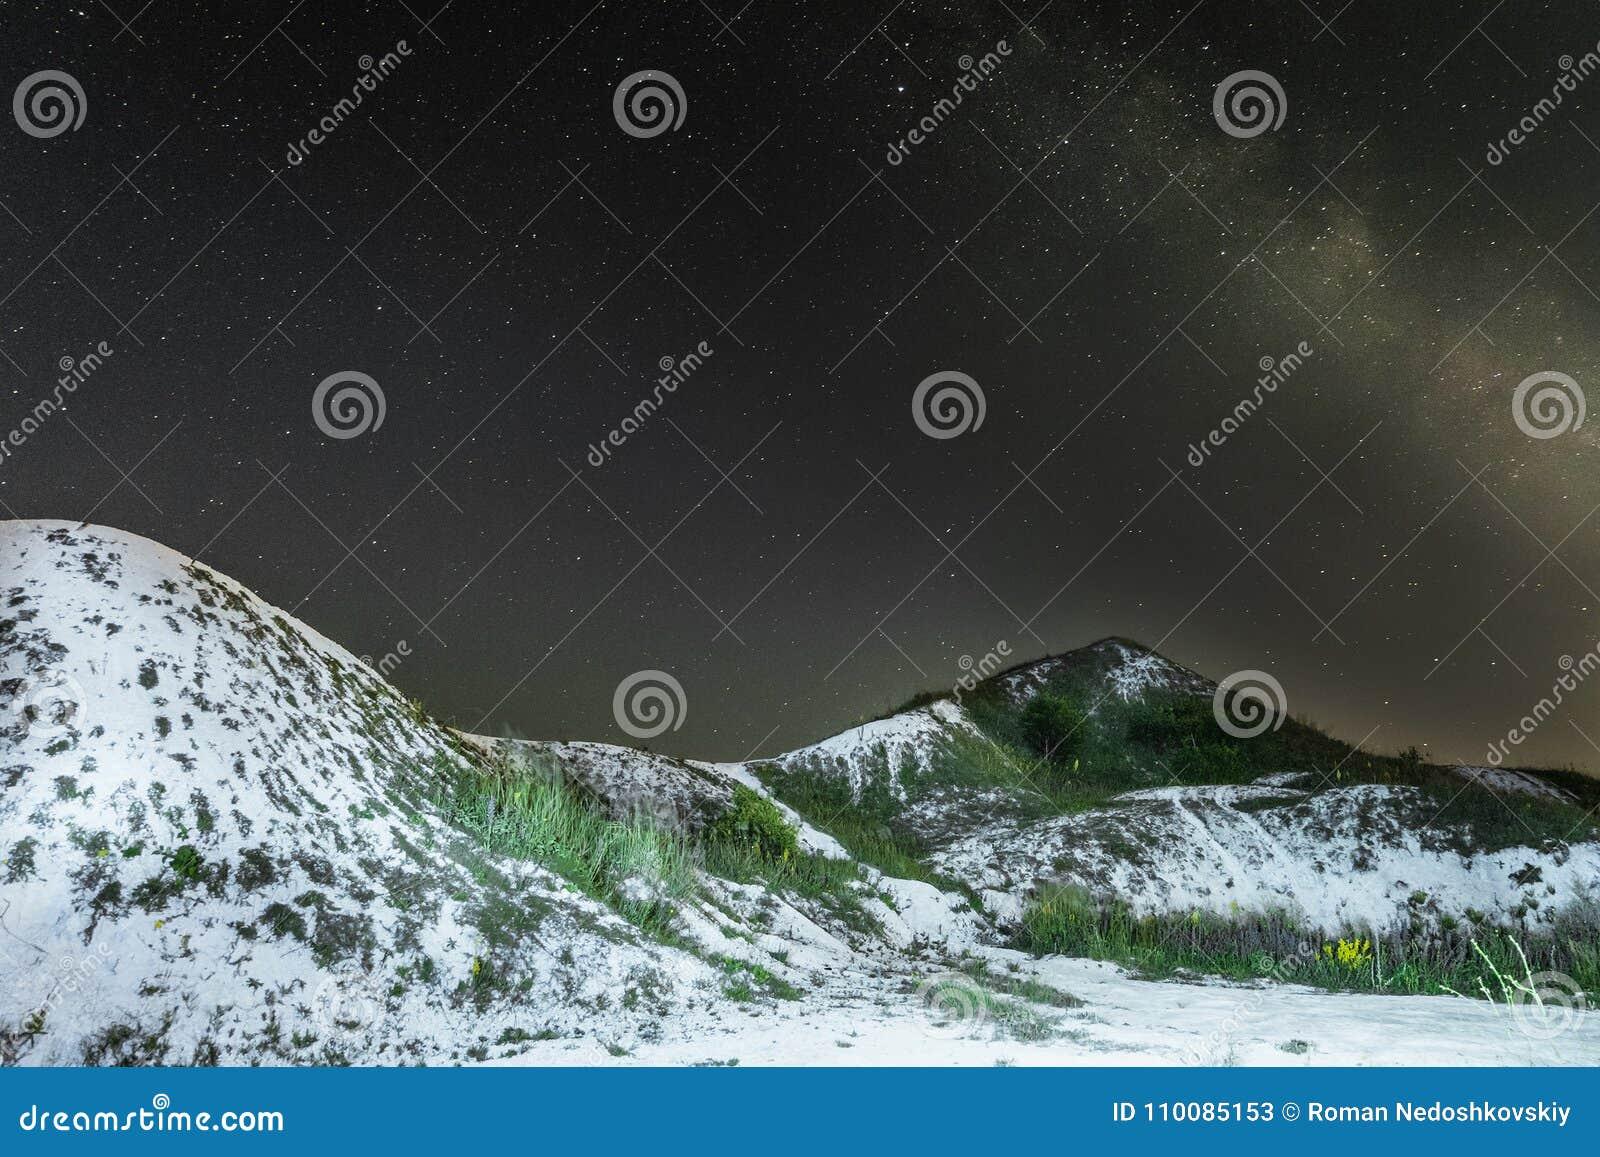 Sterrige nachthemel met melkachtige manier over de witte krijtachtige heuvels Nacht natuurlijk landschap met krijtranden